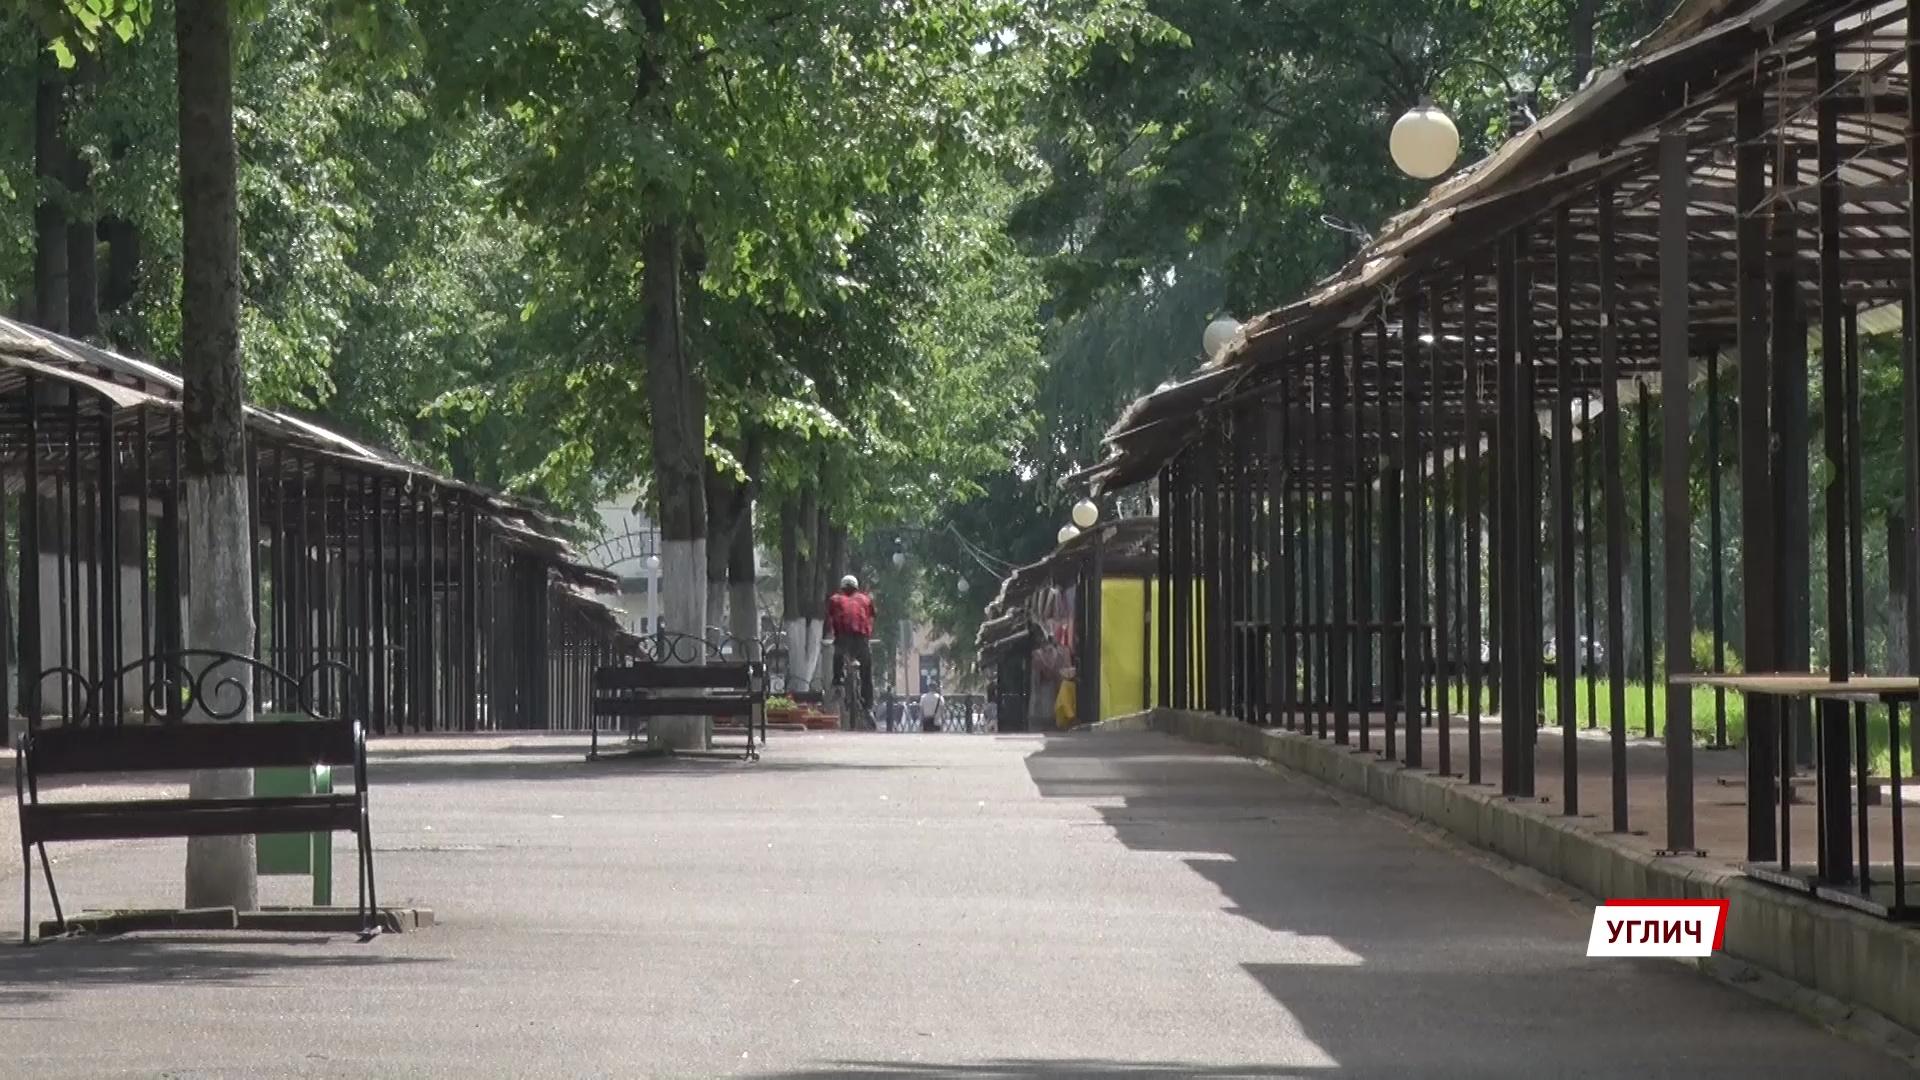 В Ярославле в обход указов губернатора начали запускать аттракционы: какие штрафы ждут владельцев